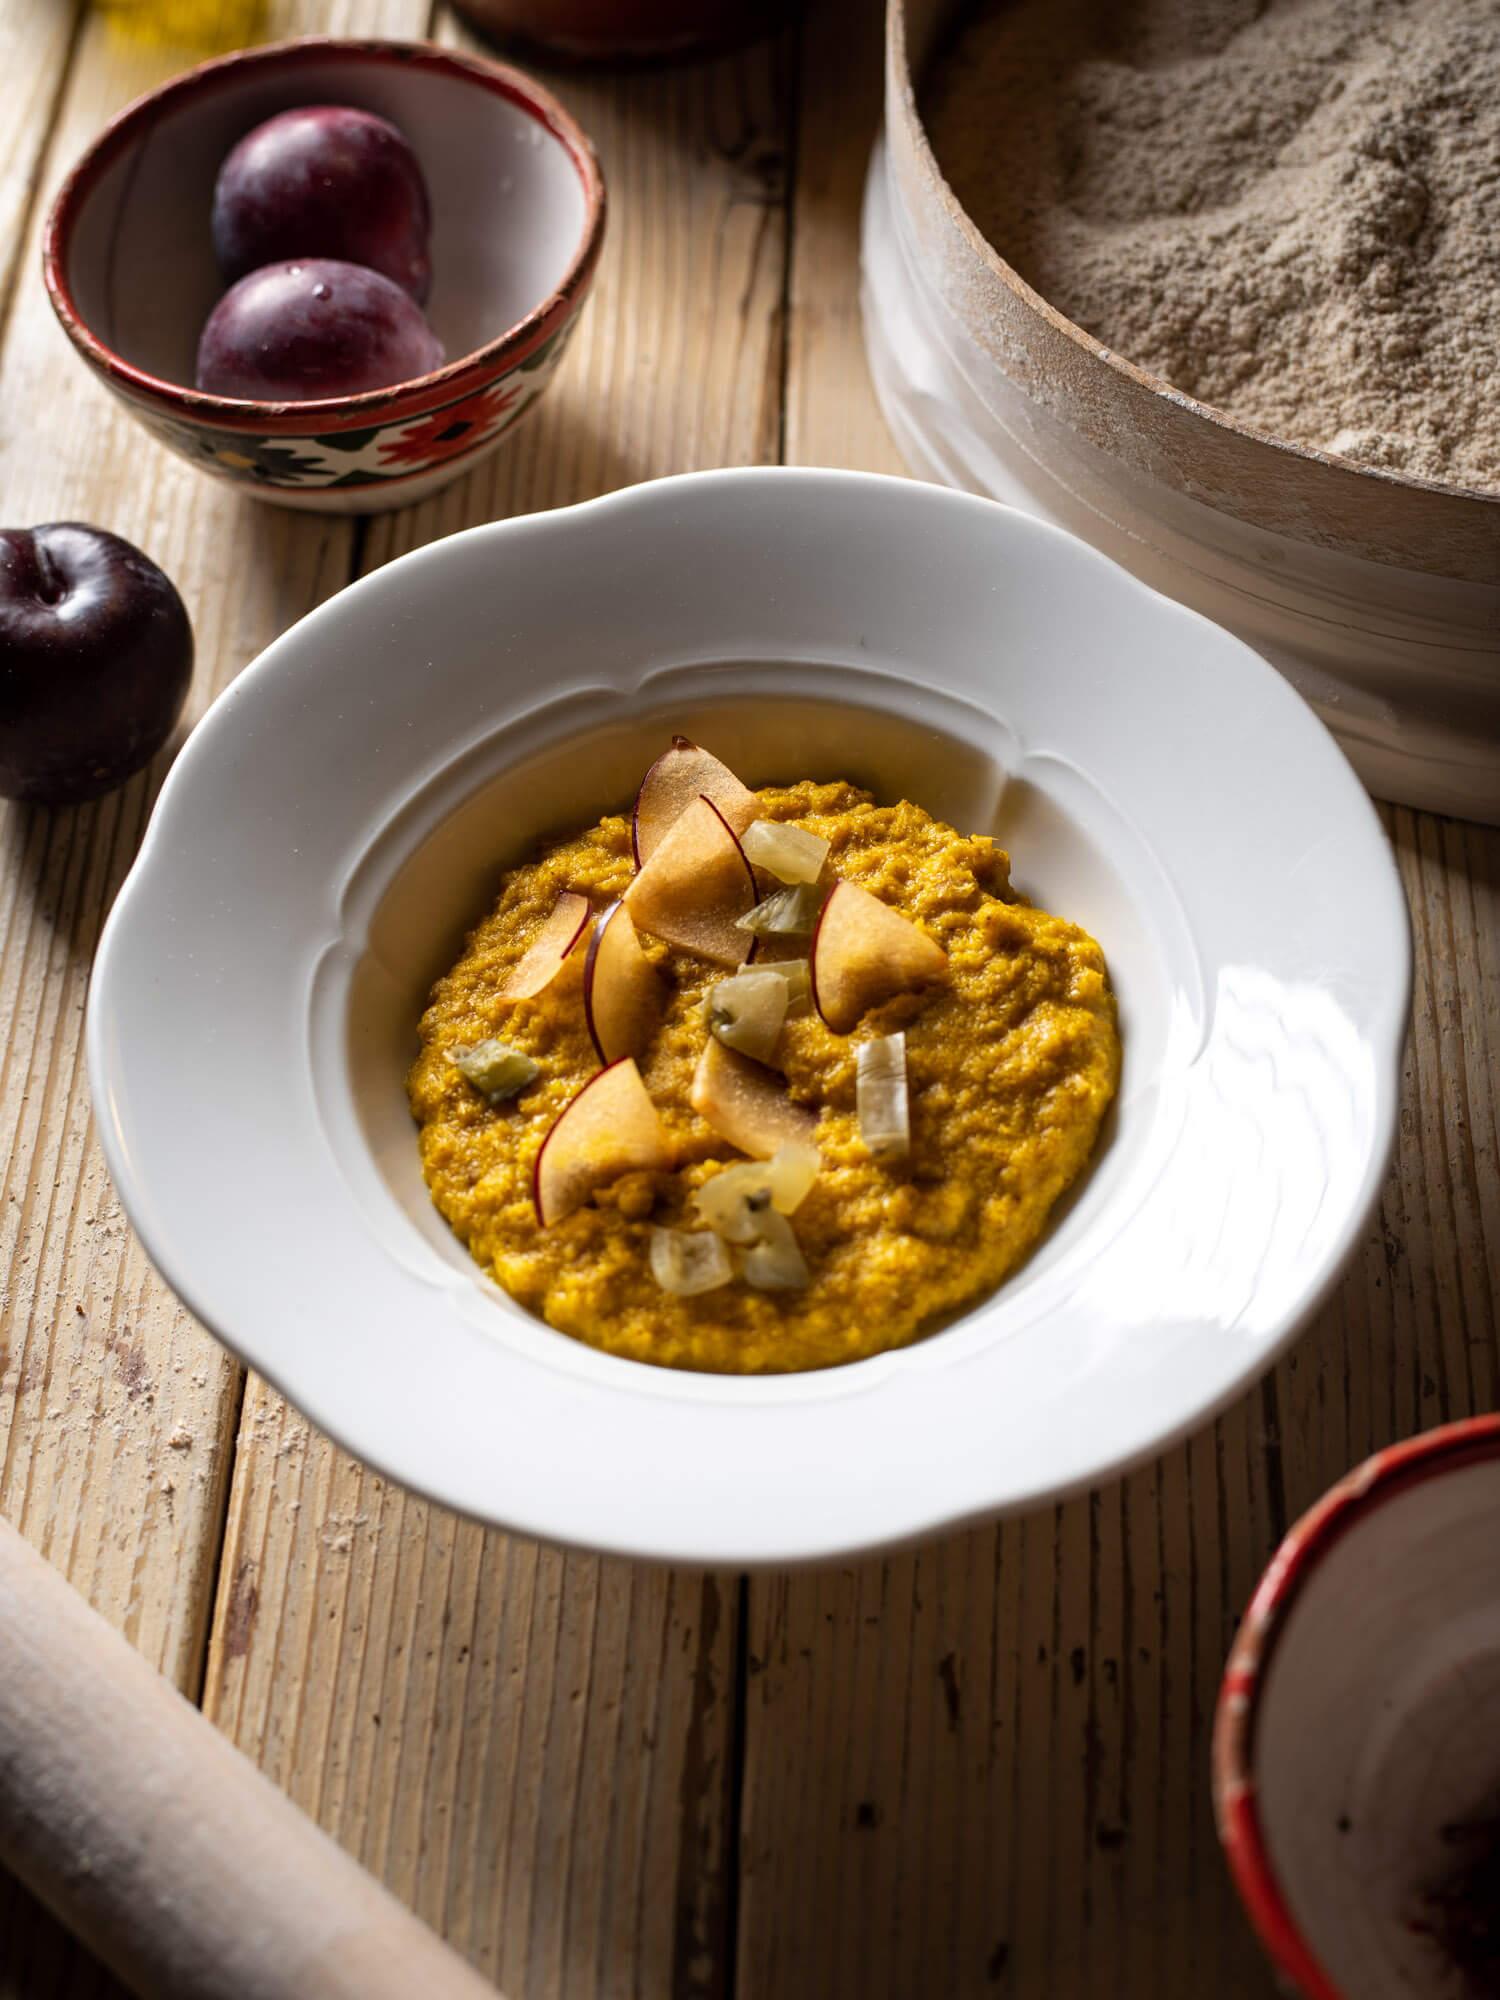 Mullixhiu Cookbook Dish